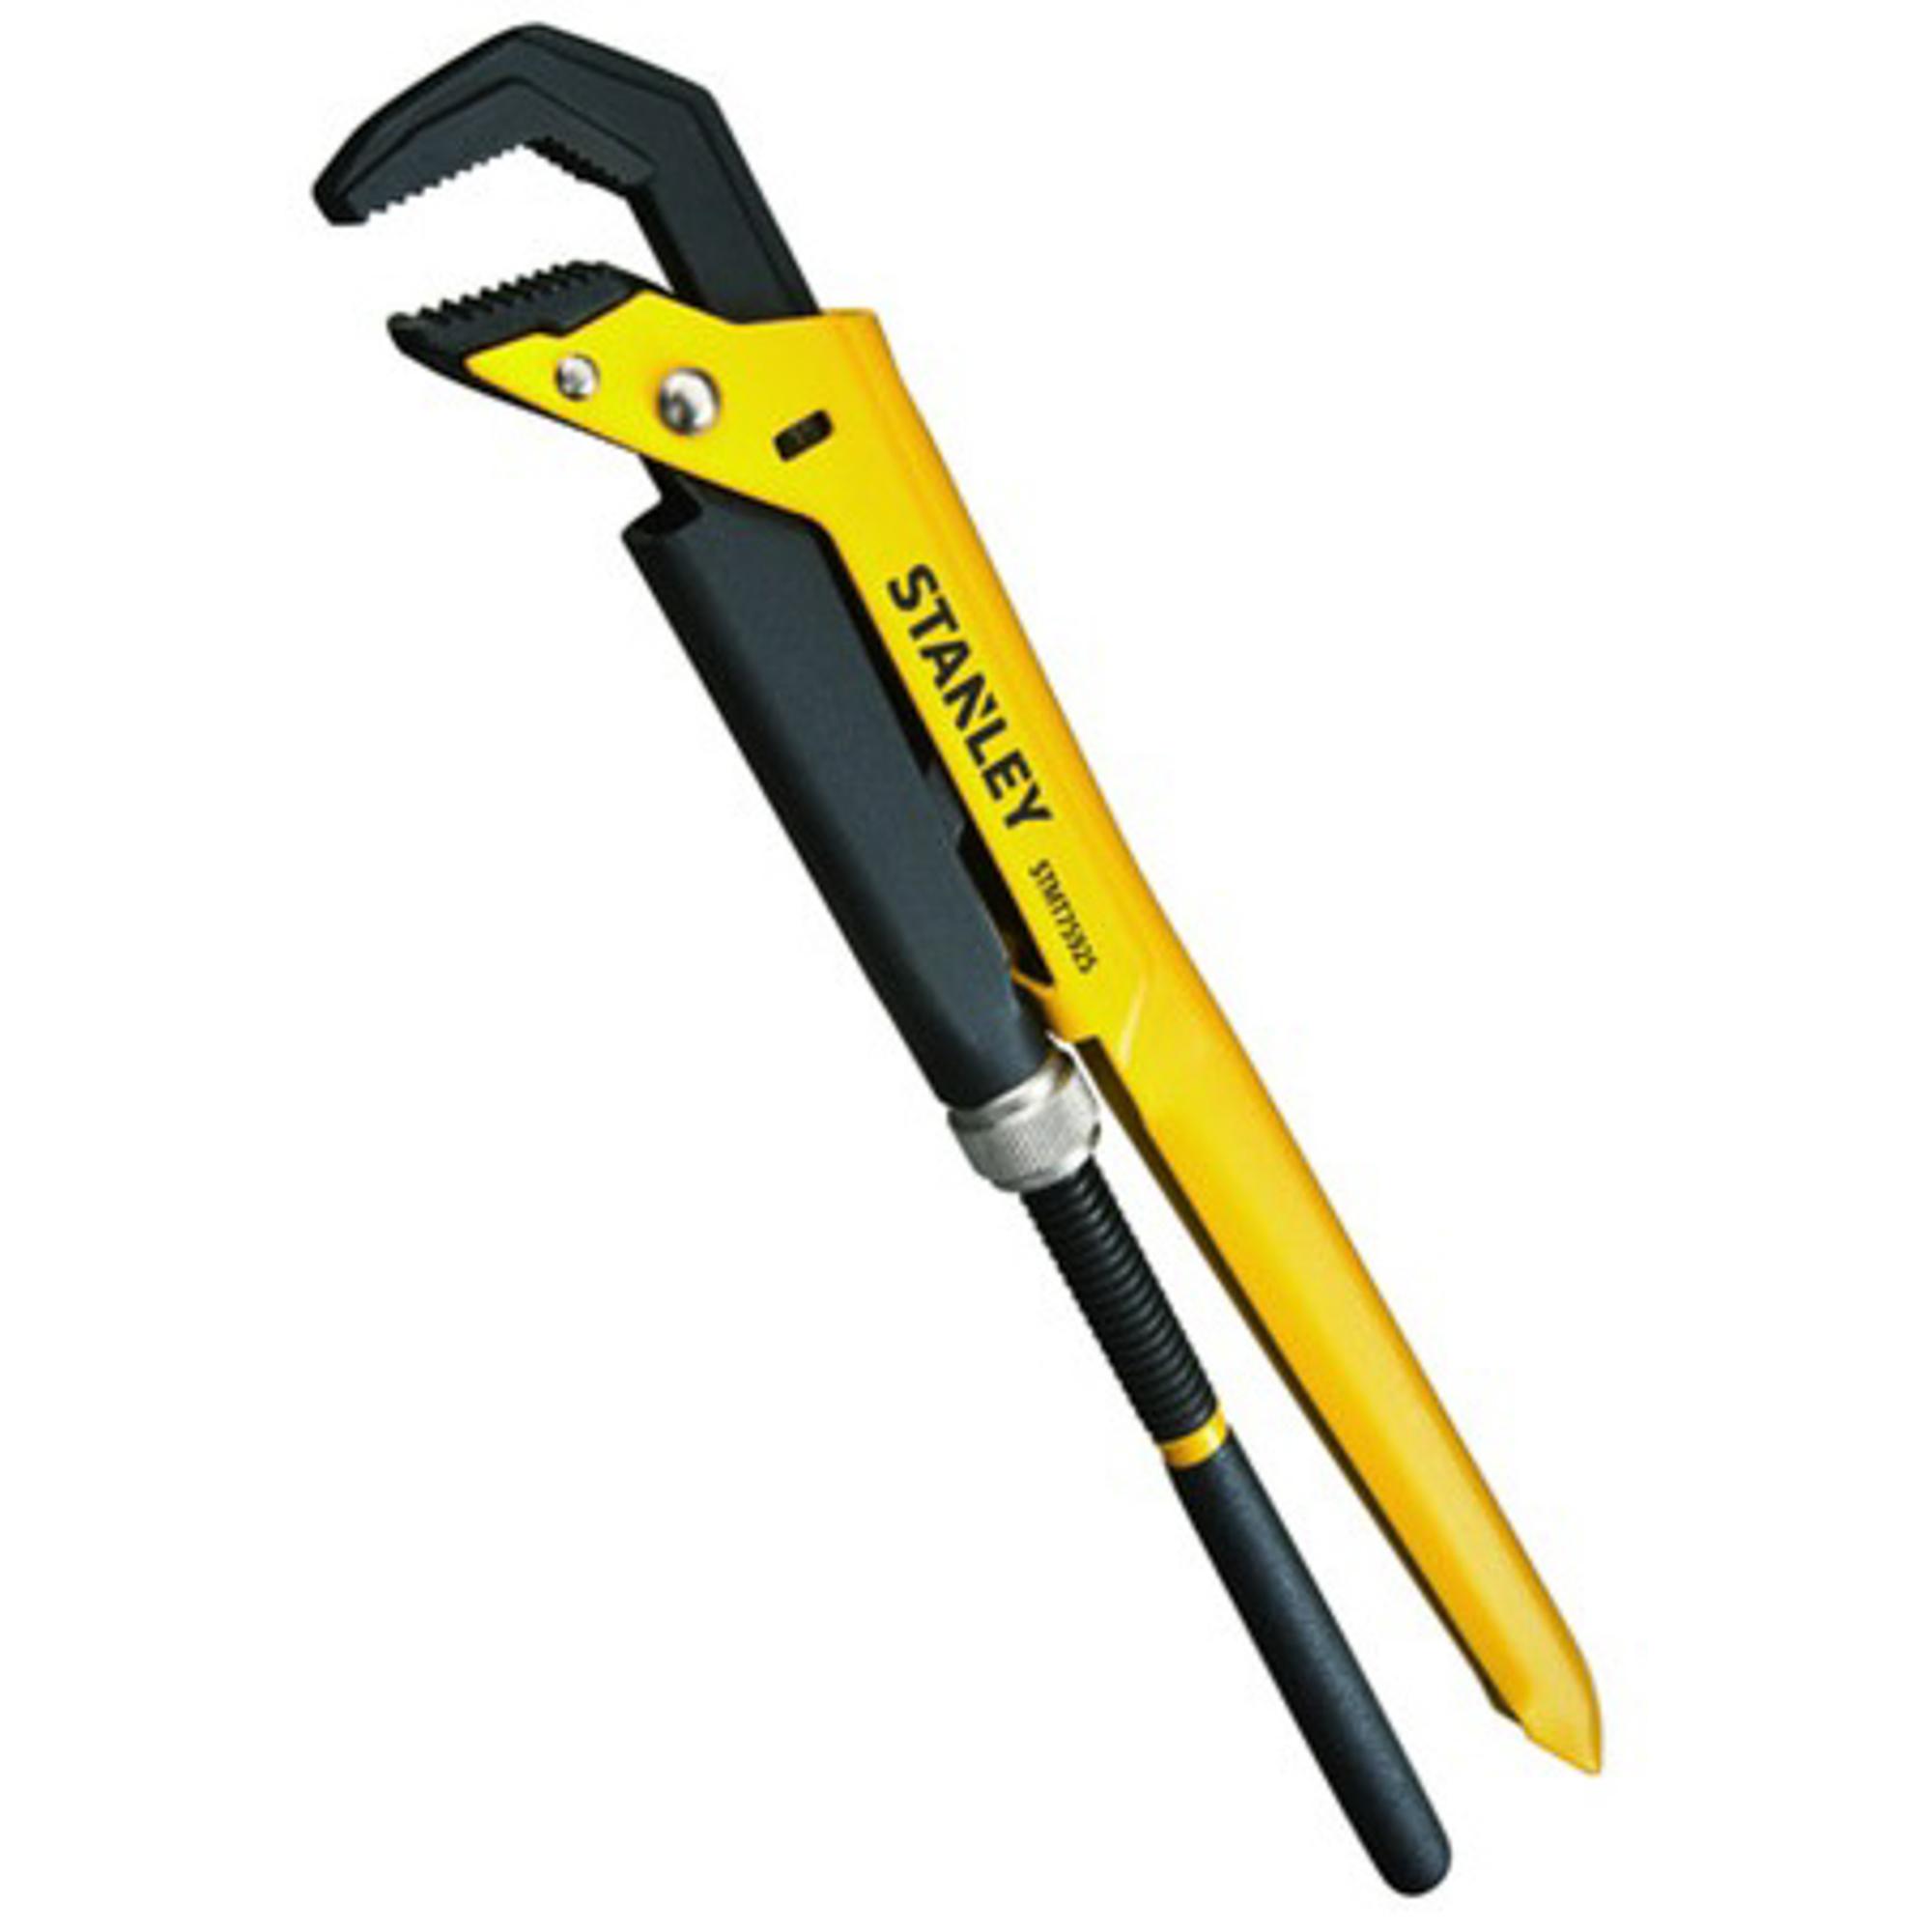 Ключ трубный STANLEY 2 548 мм STMT75927-8 ключ трубный радиаторный newton srn 1084